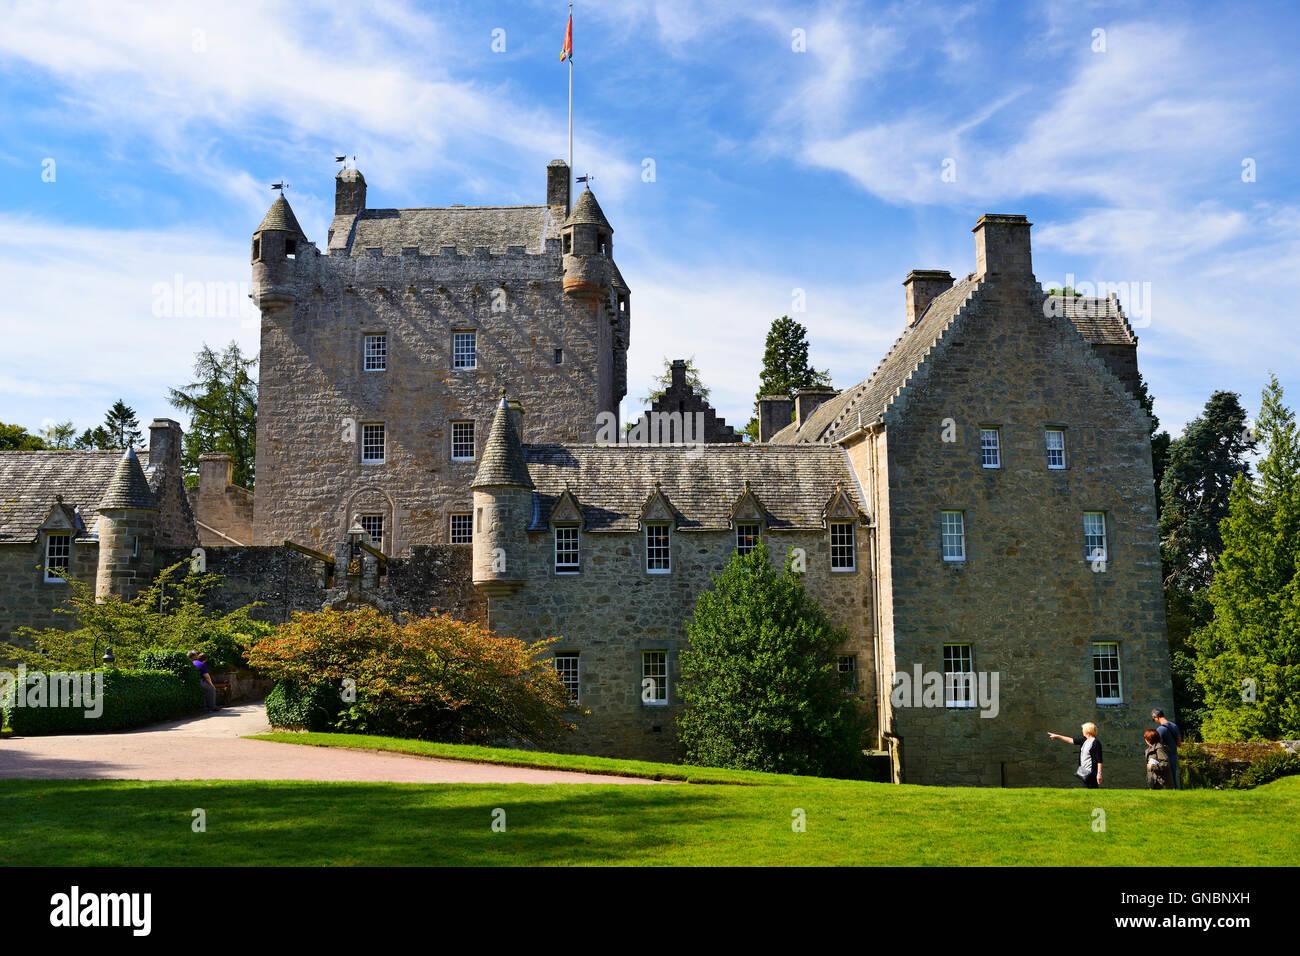 Cawdor Castle near Nairn in Inverness-shire, Scotland - Stock Image